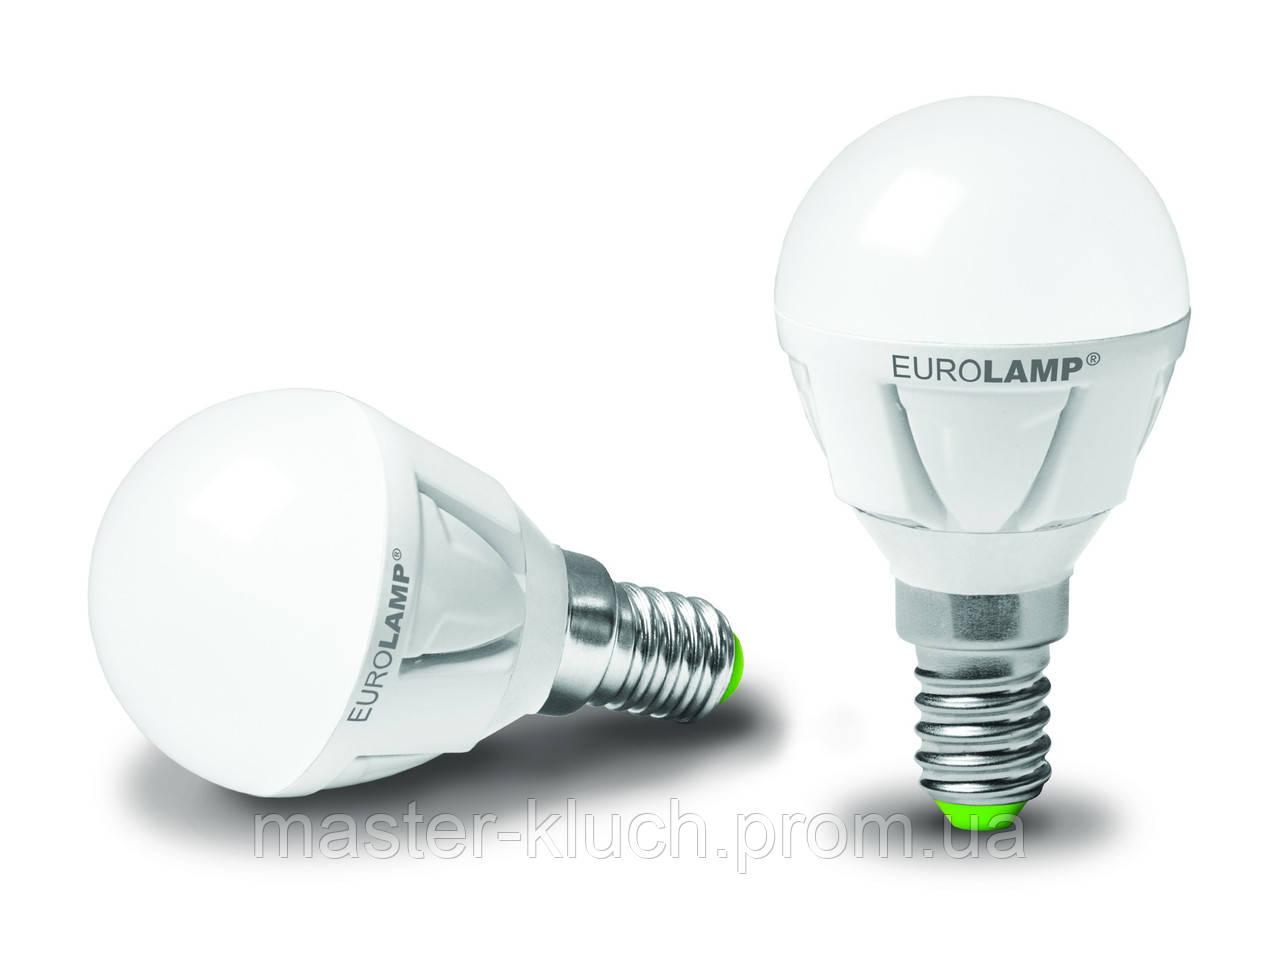 Светодиодная лампа Eurolamp LED TURBO G45 5W E14 4000К шарик